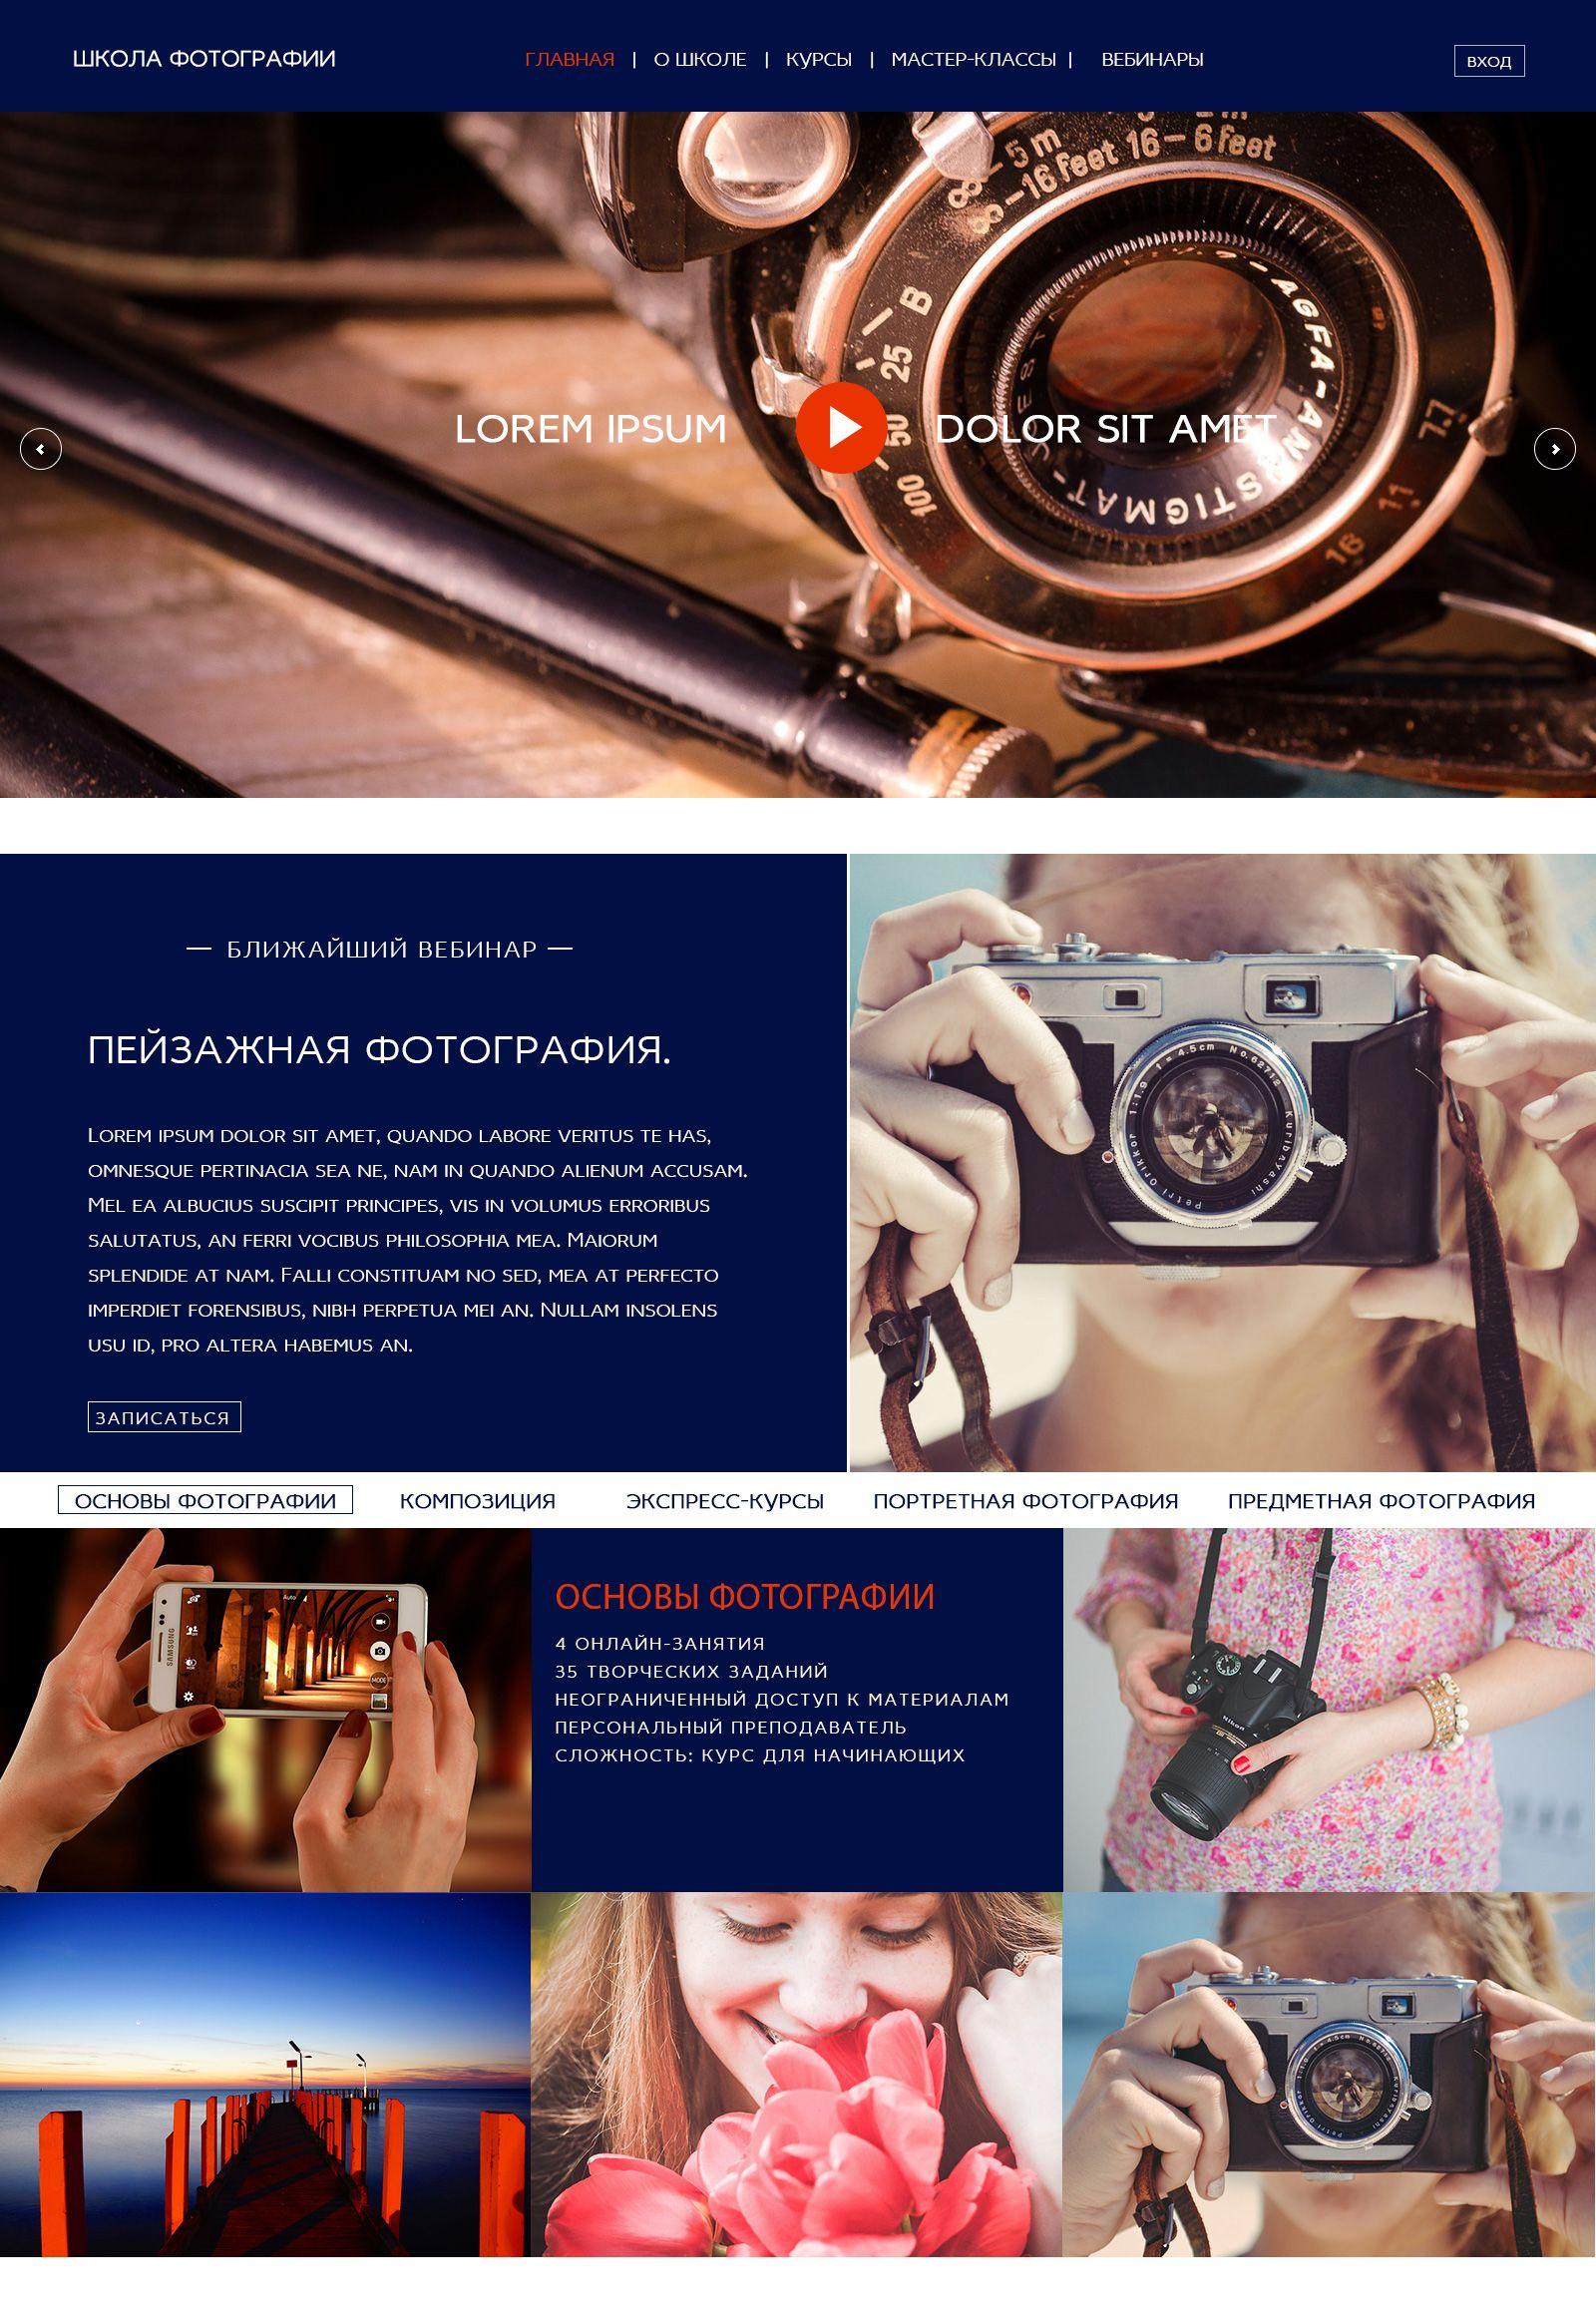 Онлайн обучение фотографии. Главная. - дизайнер wtanyx